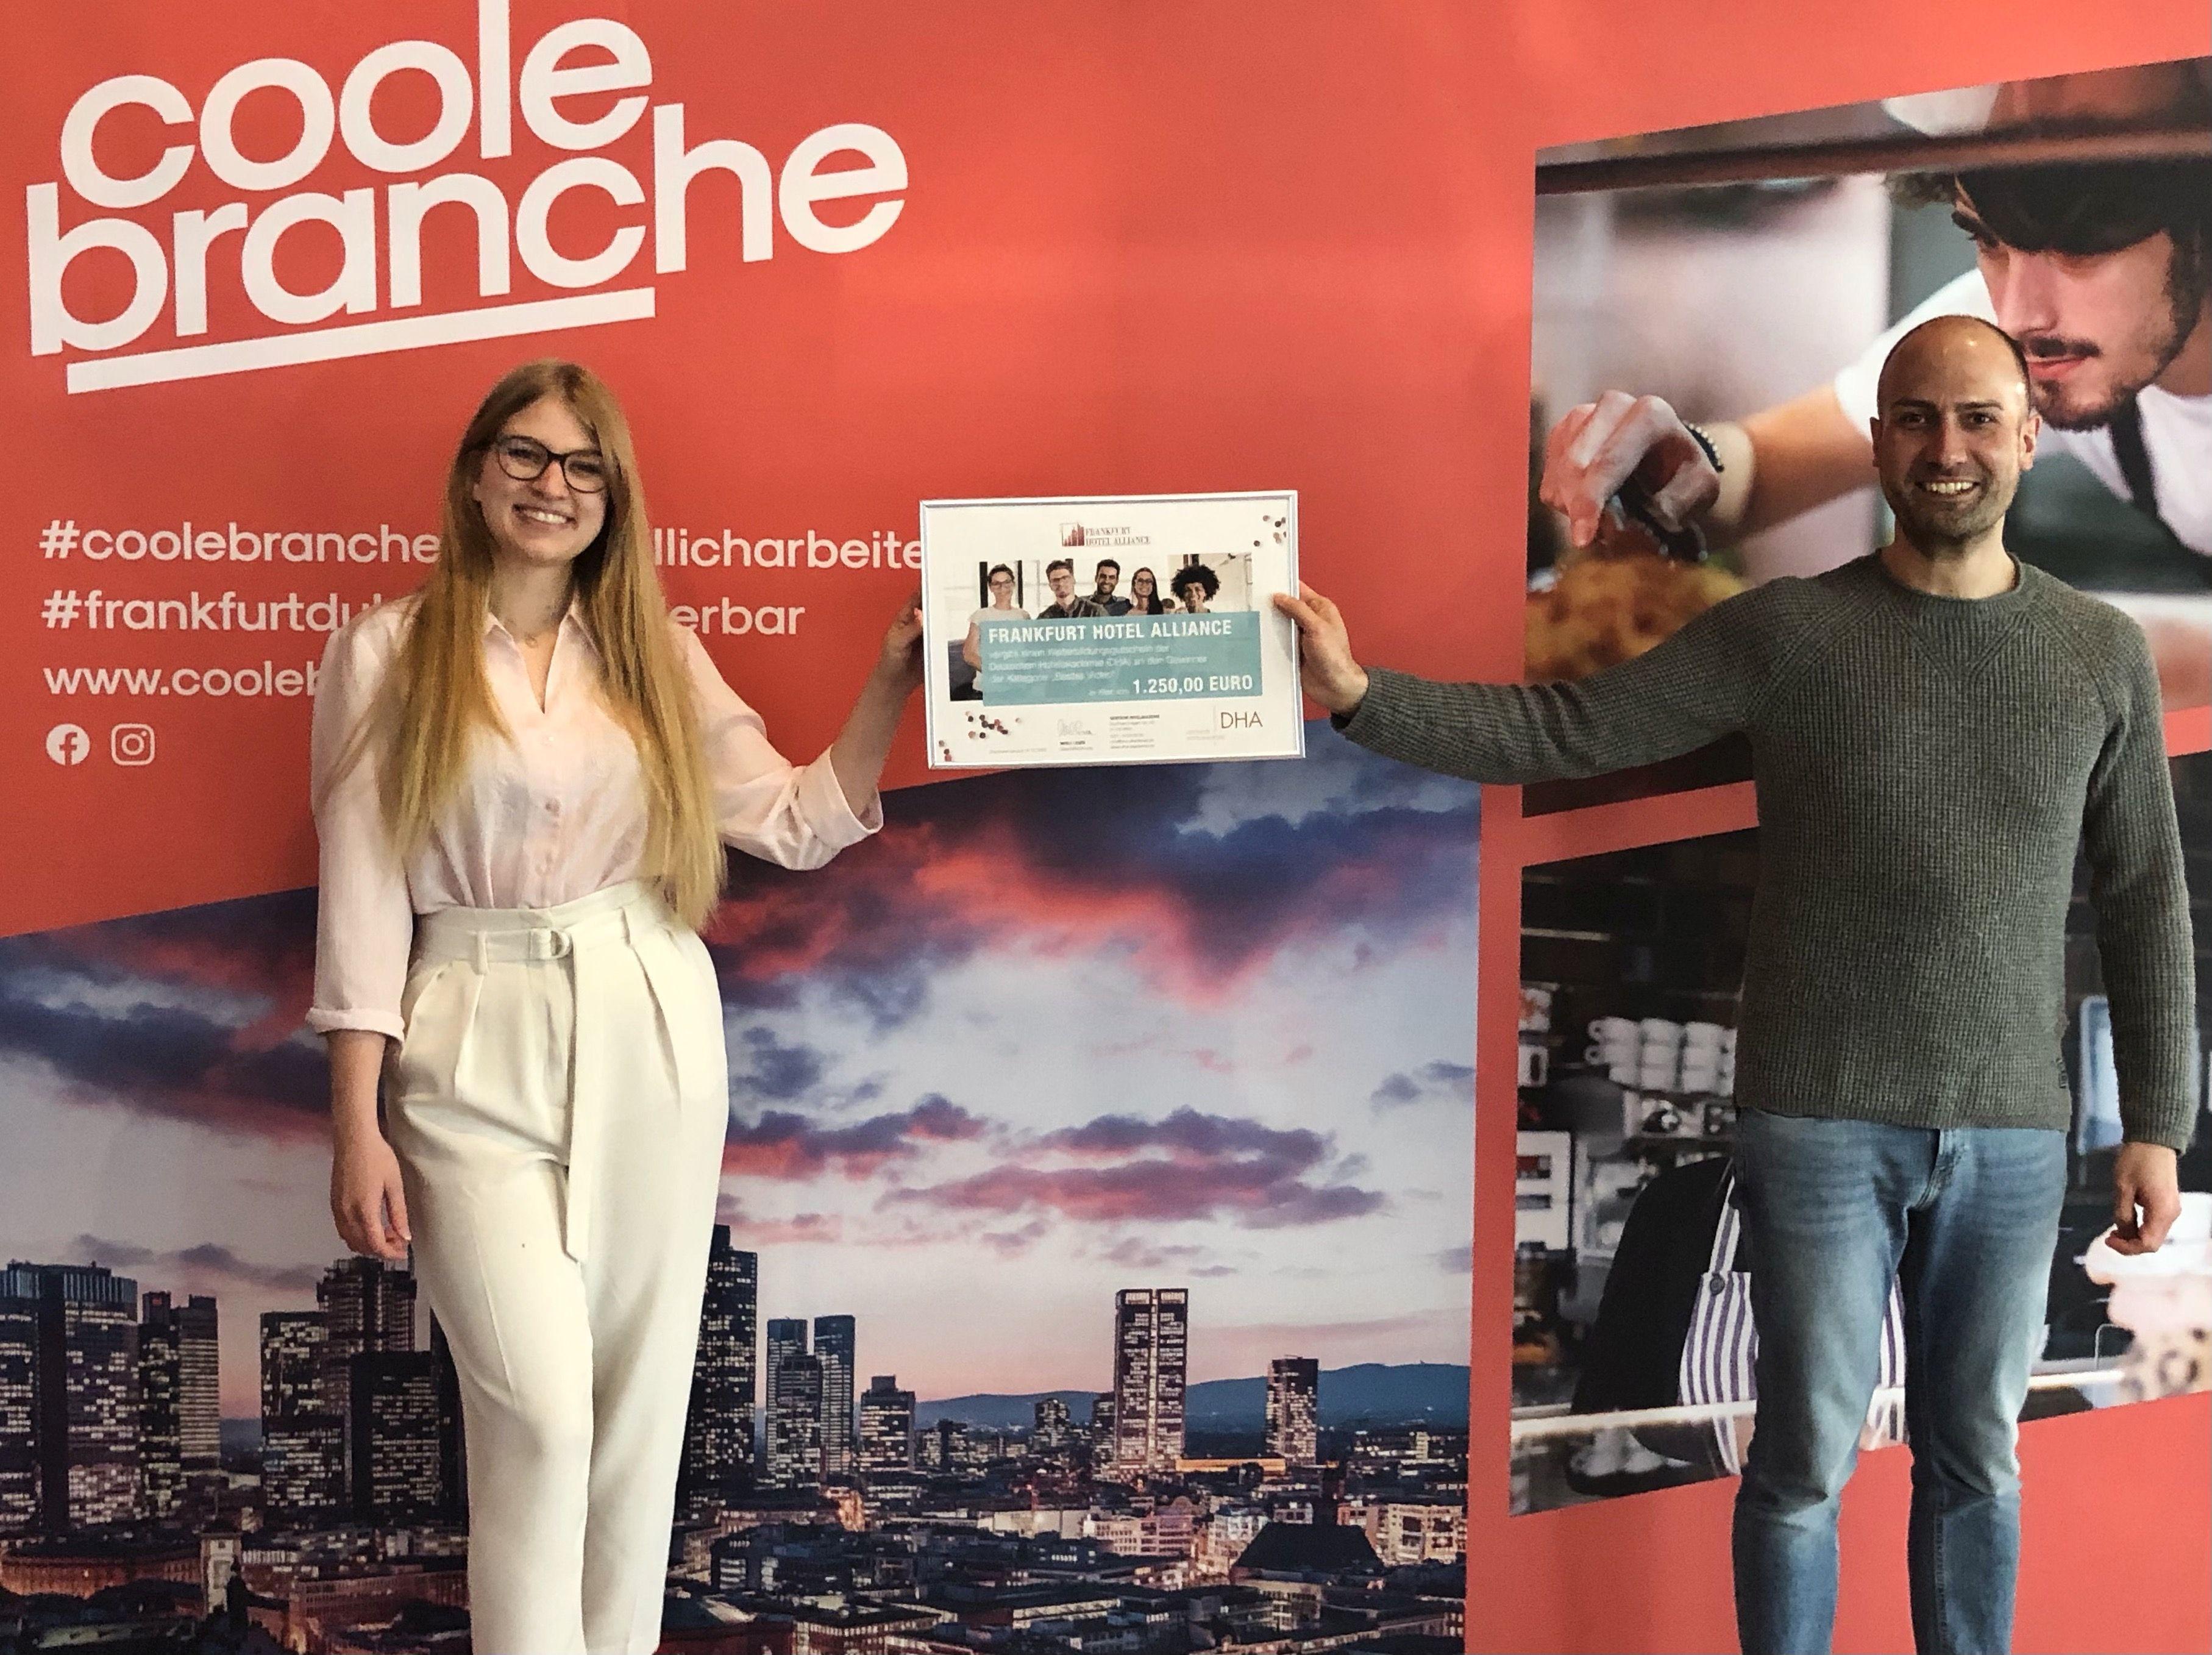 Laura Stavinovszky Leonardo Royal Frankfurt duales Studium Tourismuswirtschaft und Hotelmanagement